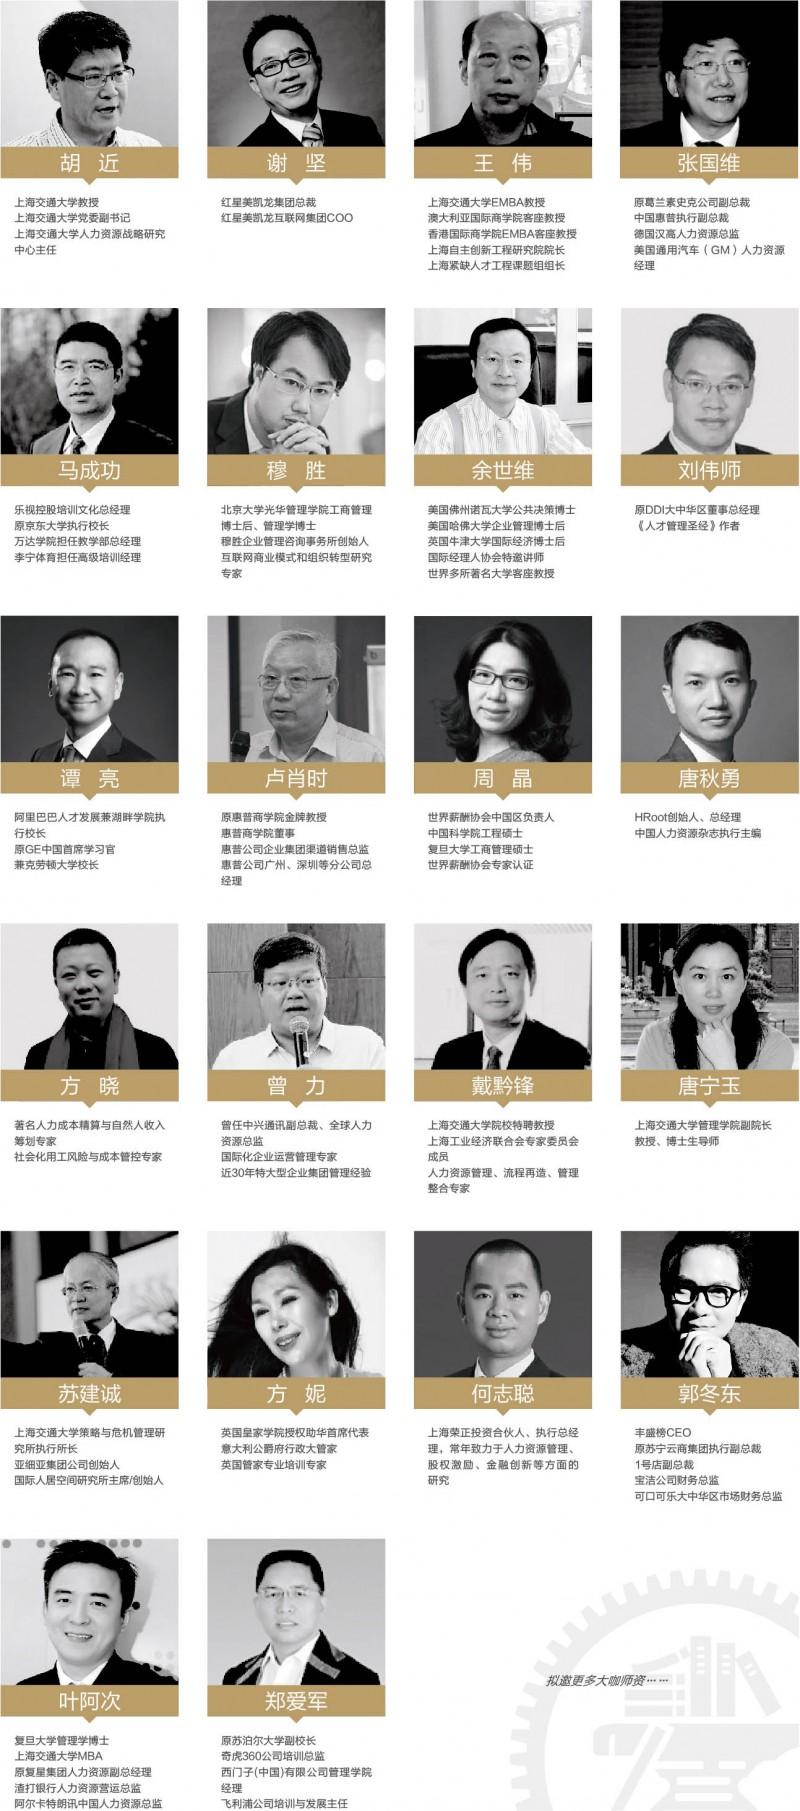 师资网站.jpg